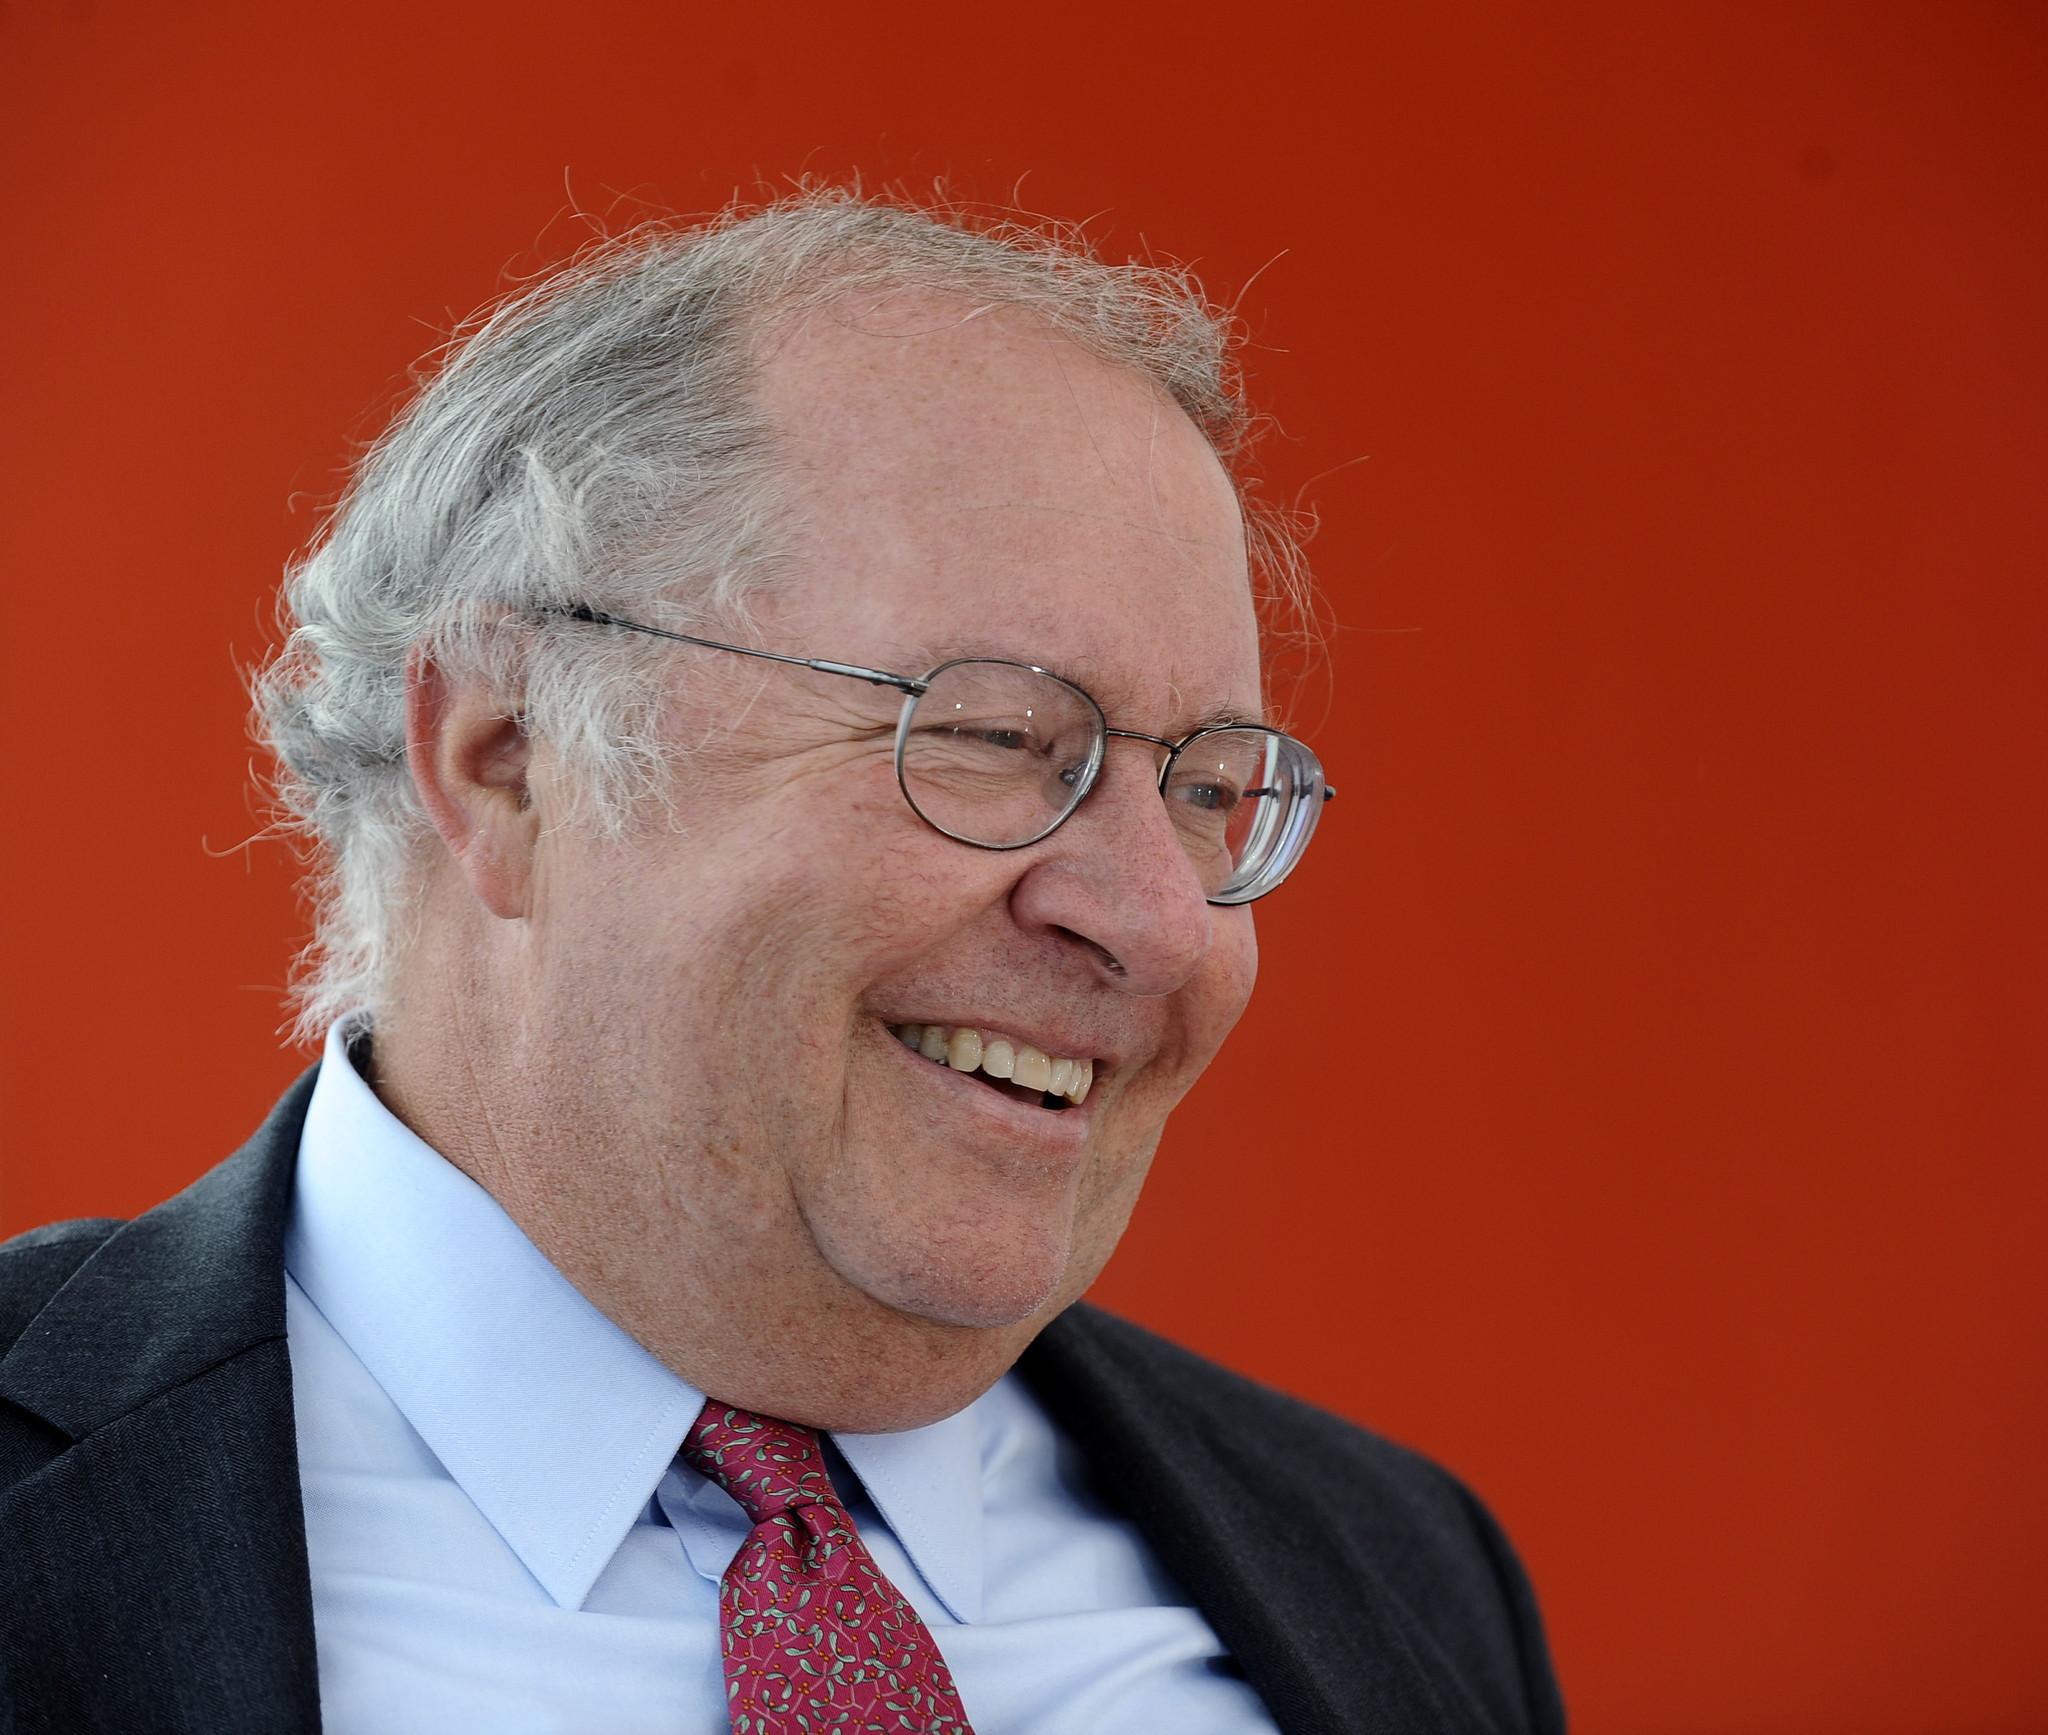 Veteran fund manager Bill Miller separates from Legg Mason